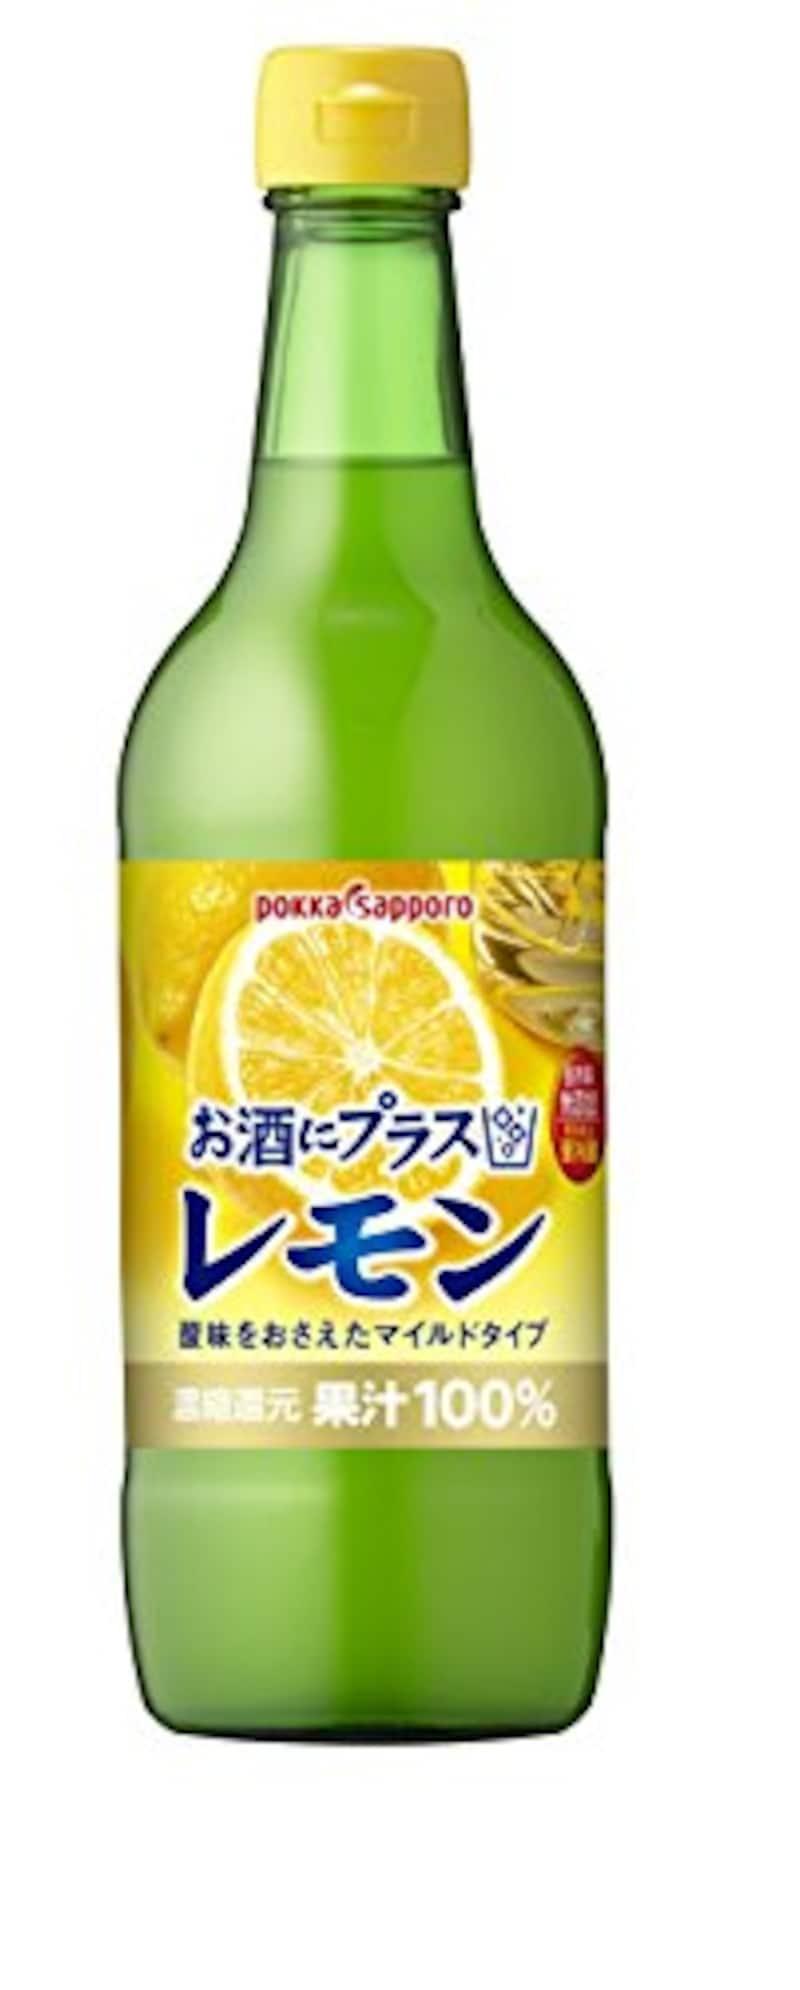 ポッカサッポロ,お酒にプラス レモン